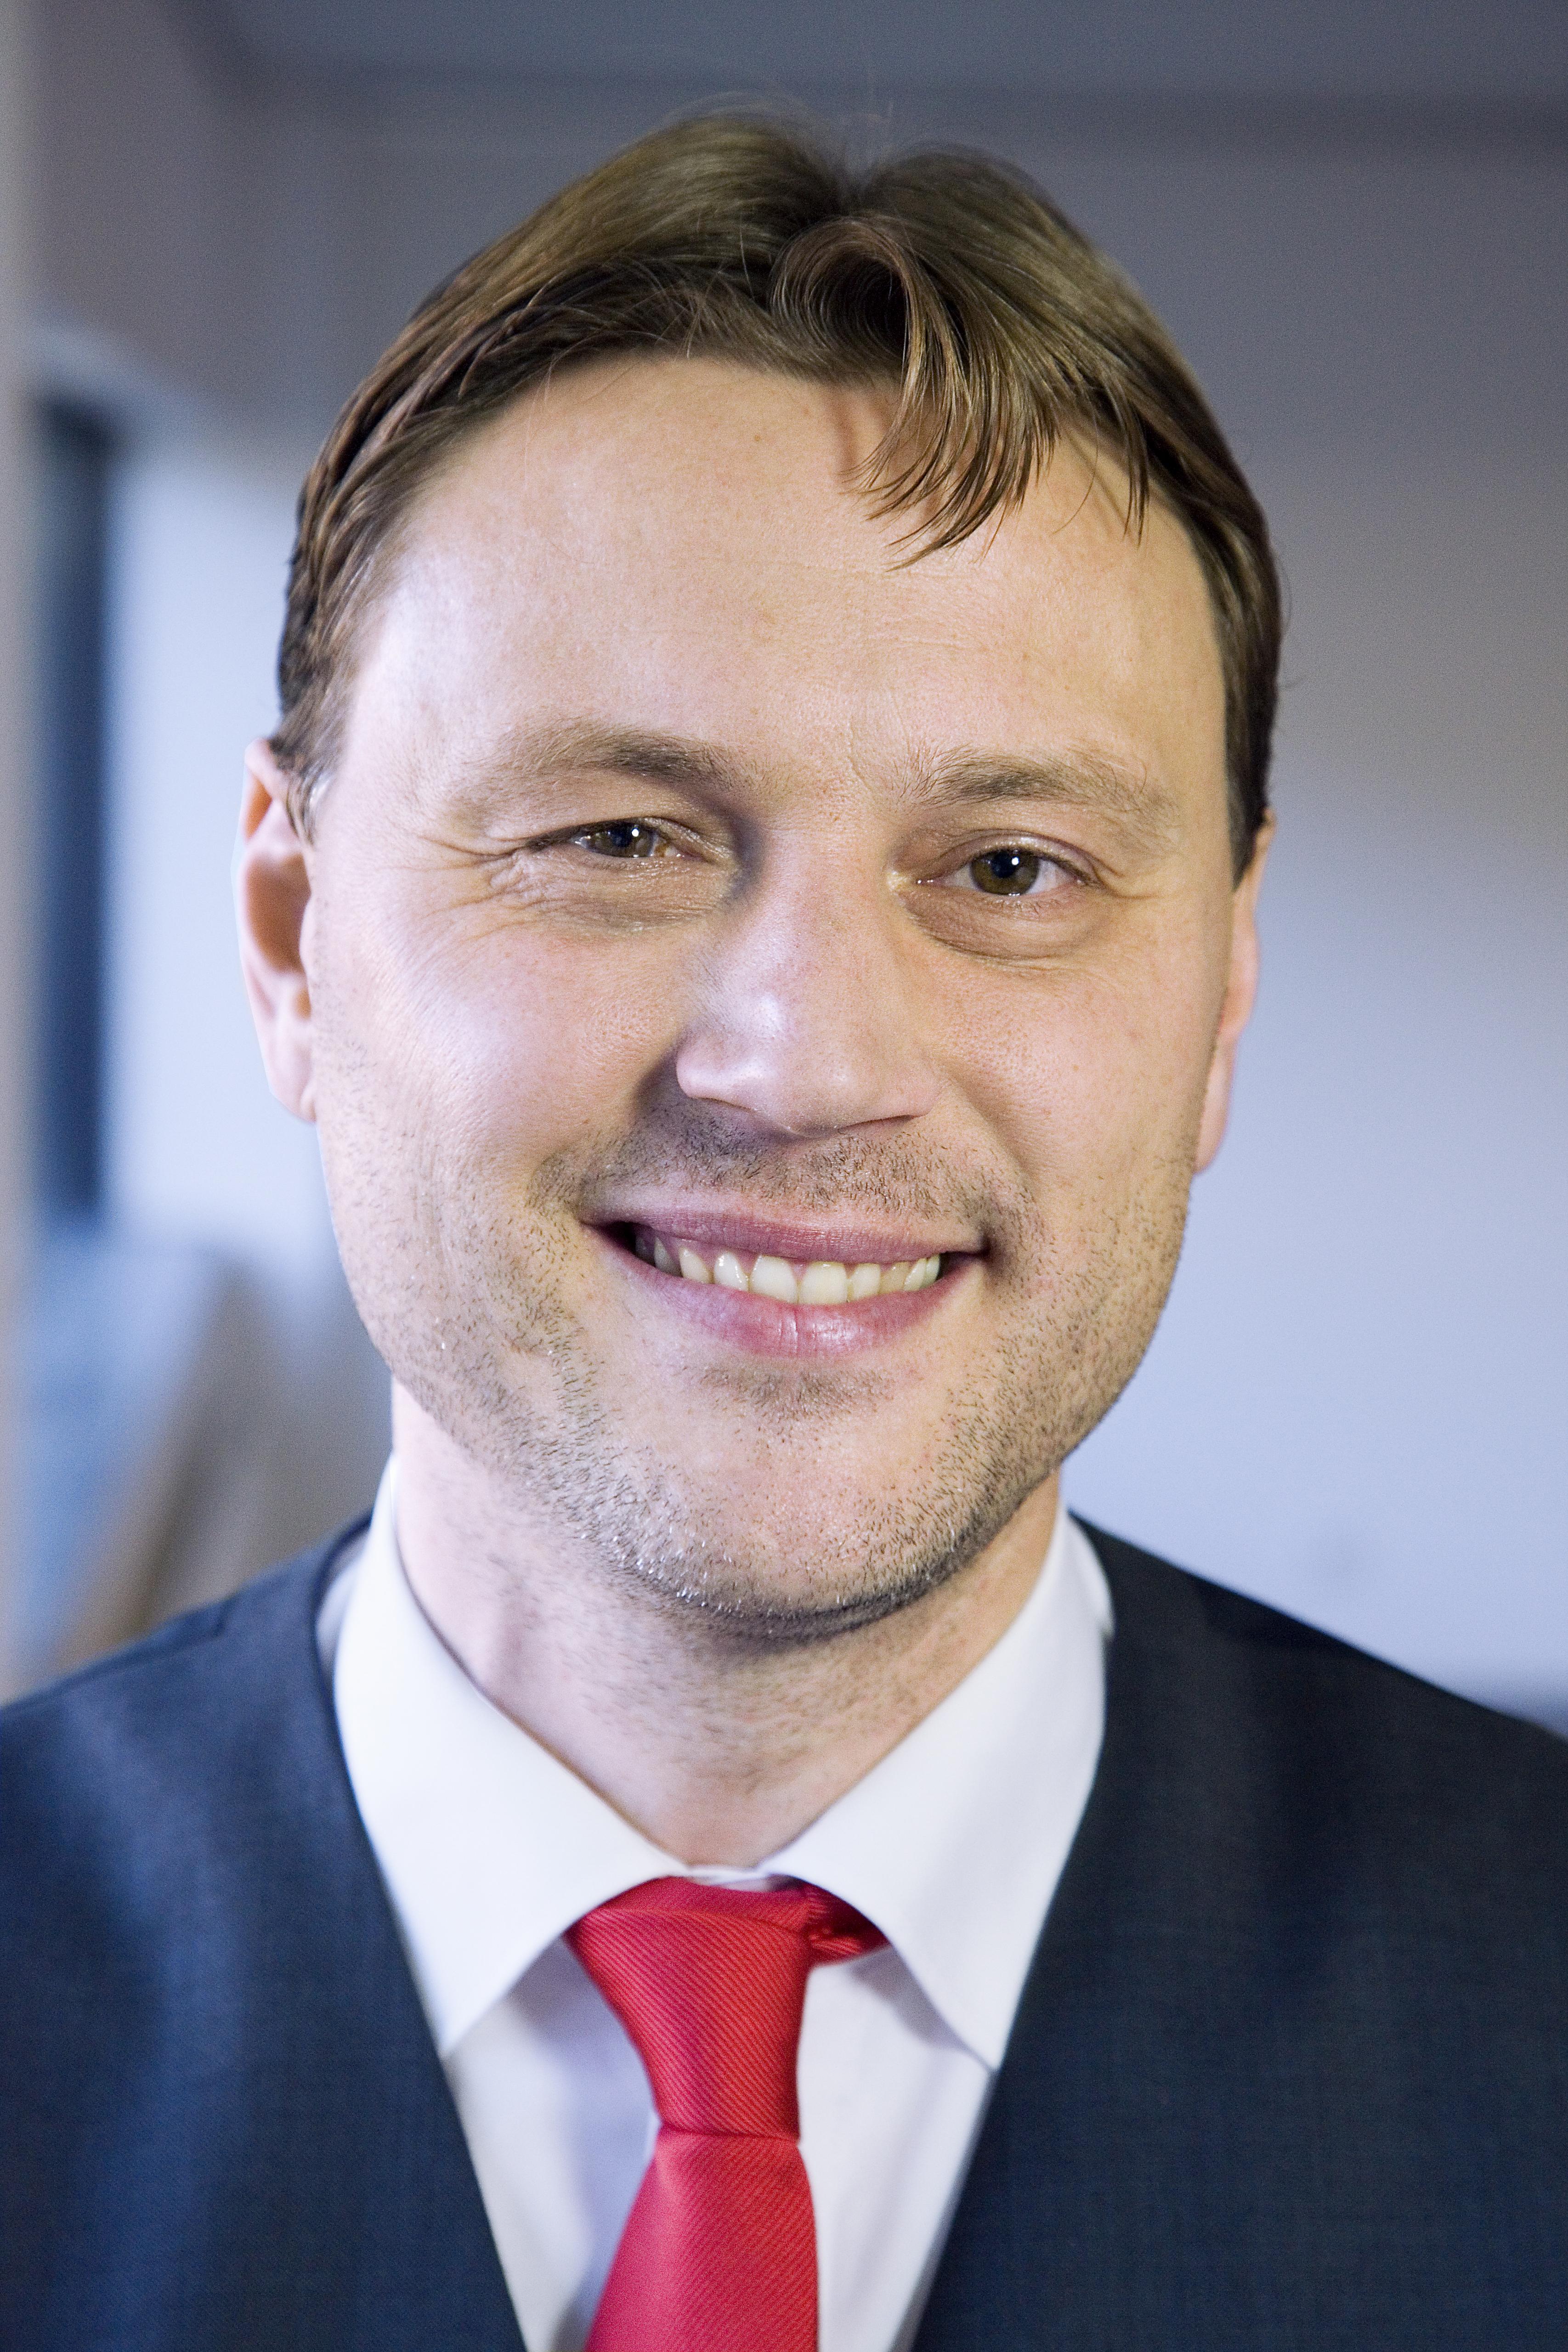 Bo van der Rhee